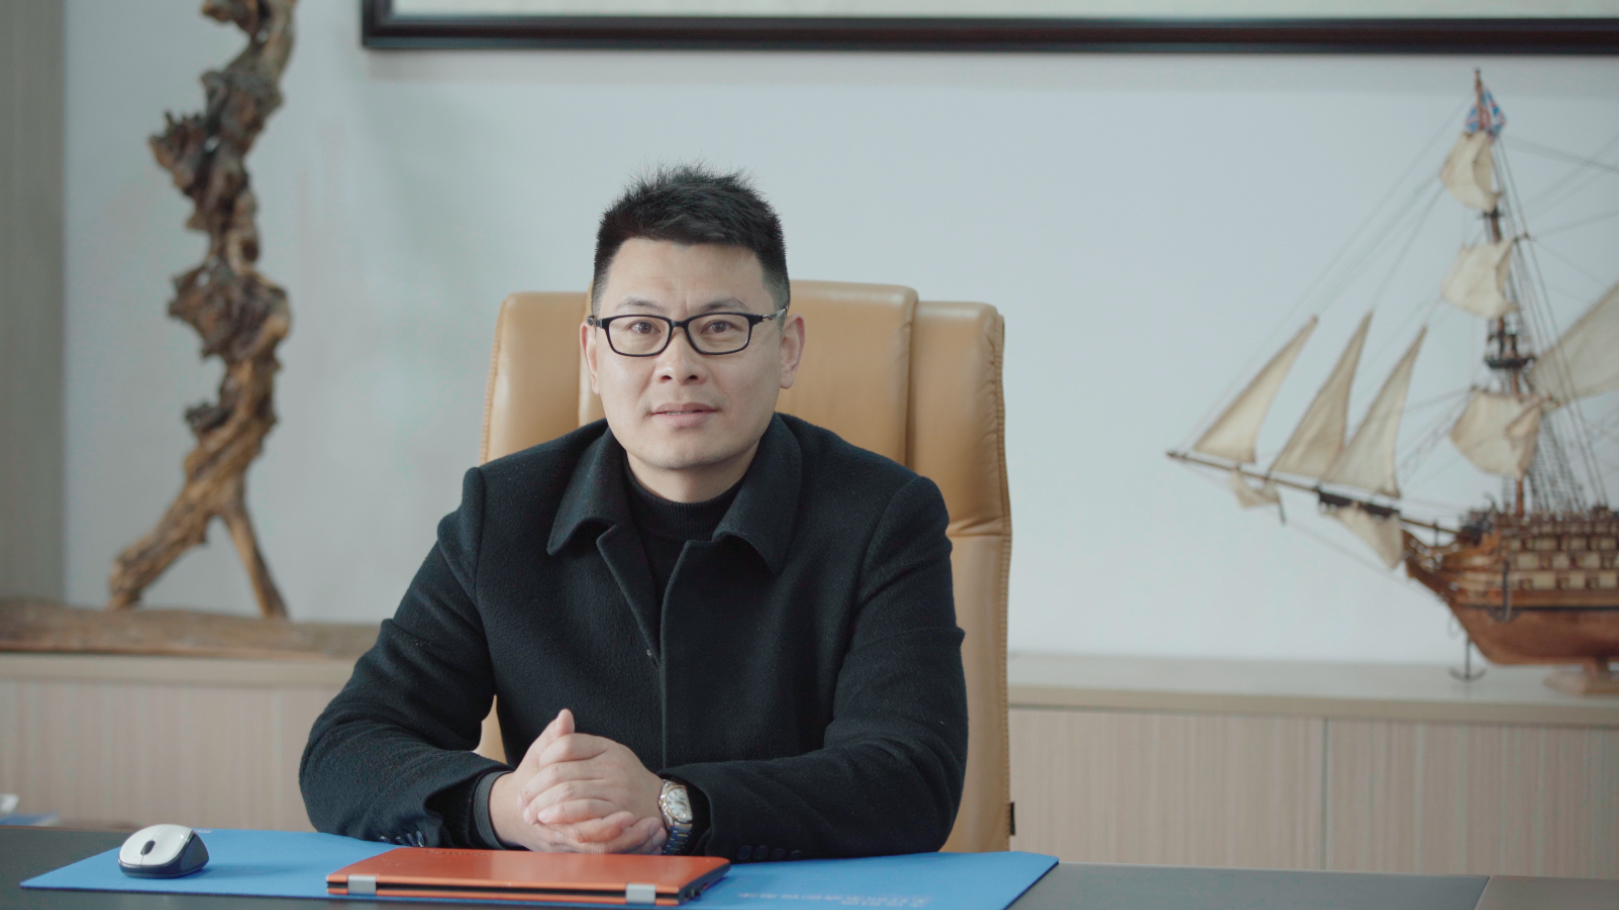 易保全董事长刘刚百科认证资料